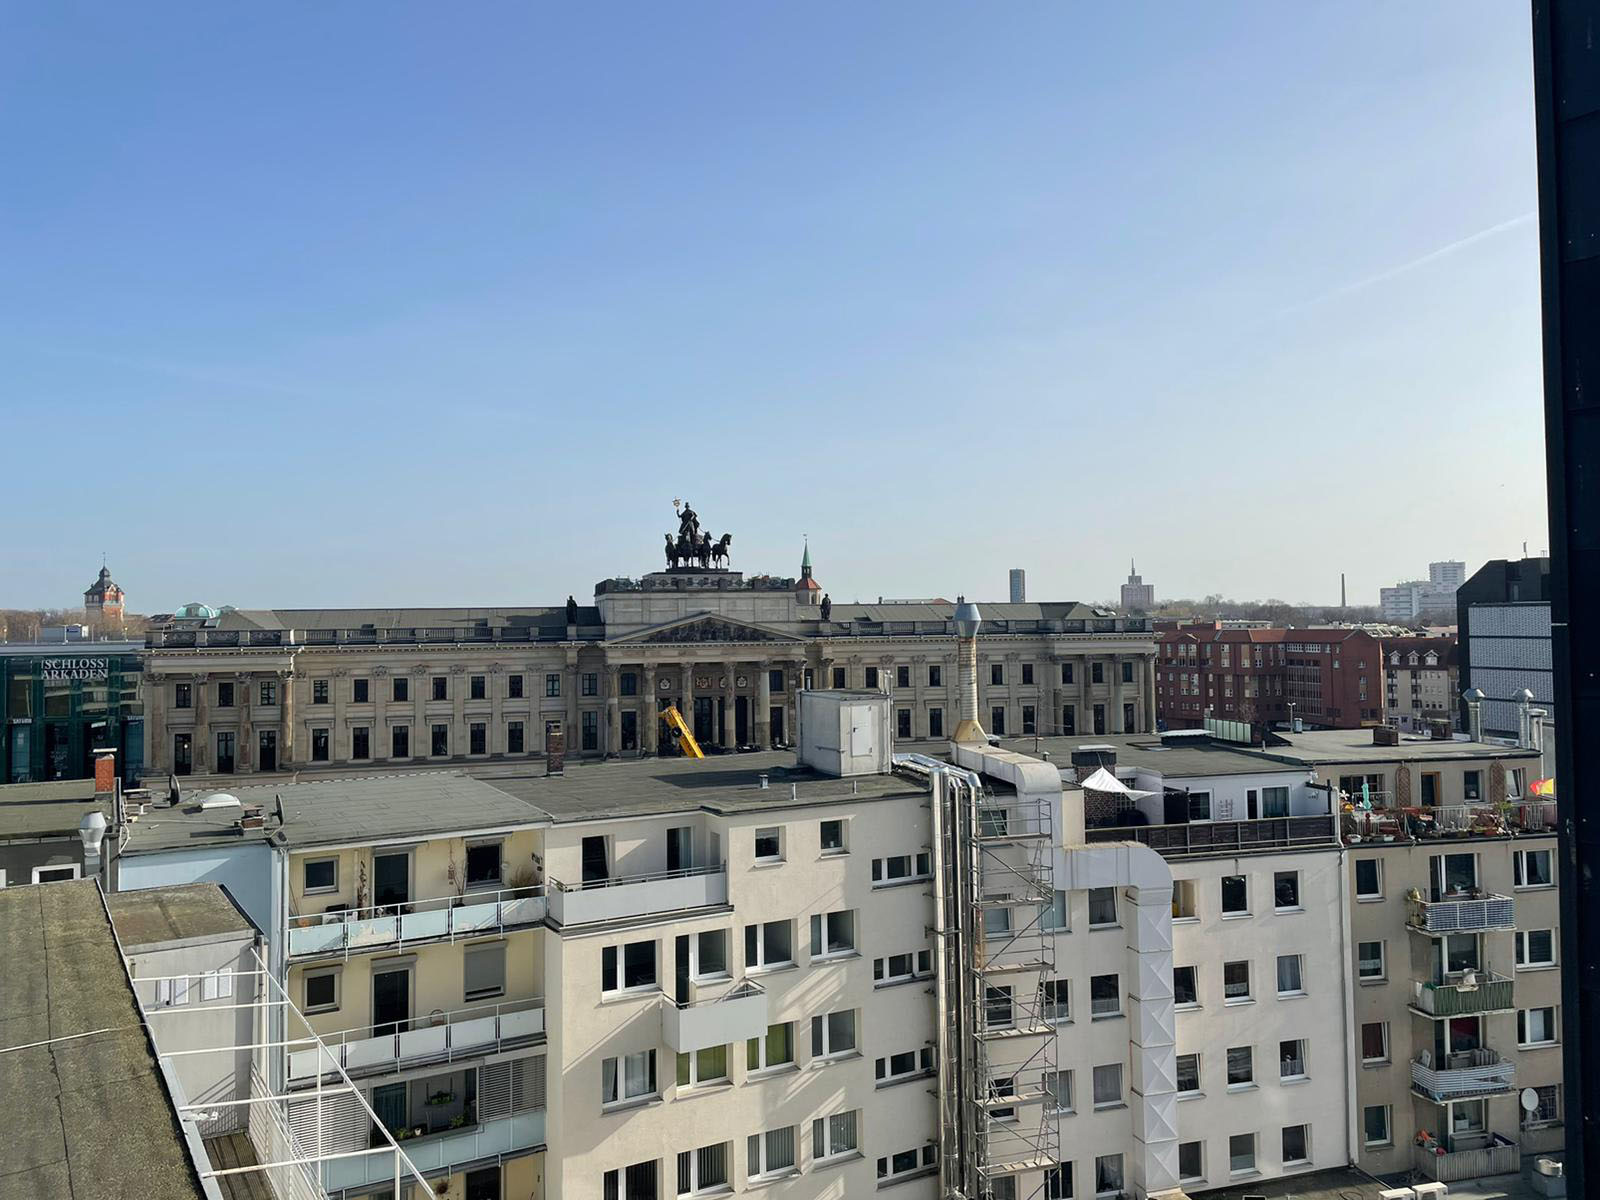 Blick auf die Schlossarkaden Braunschweig